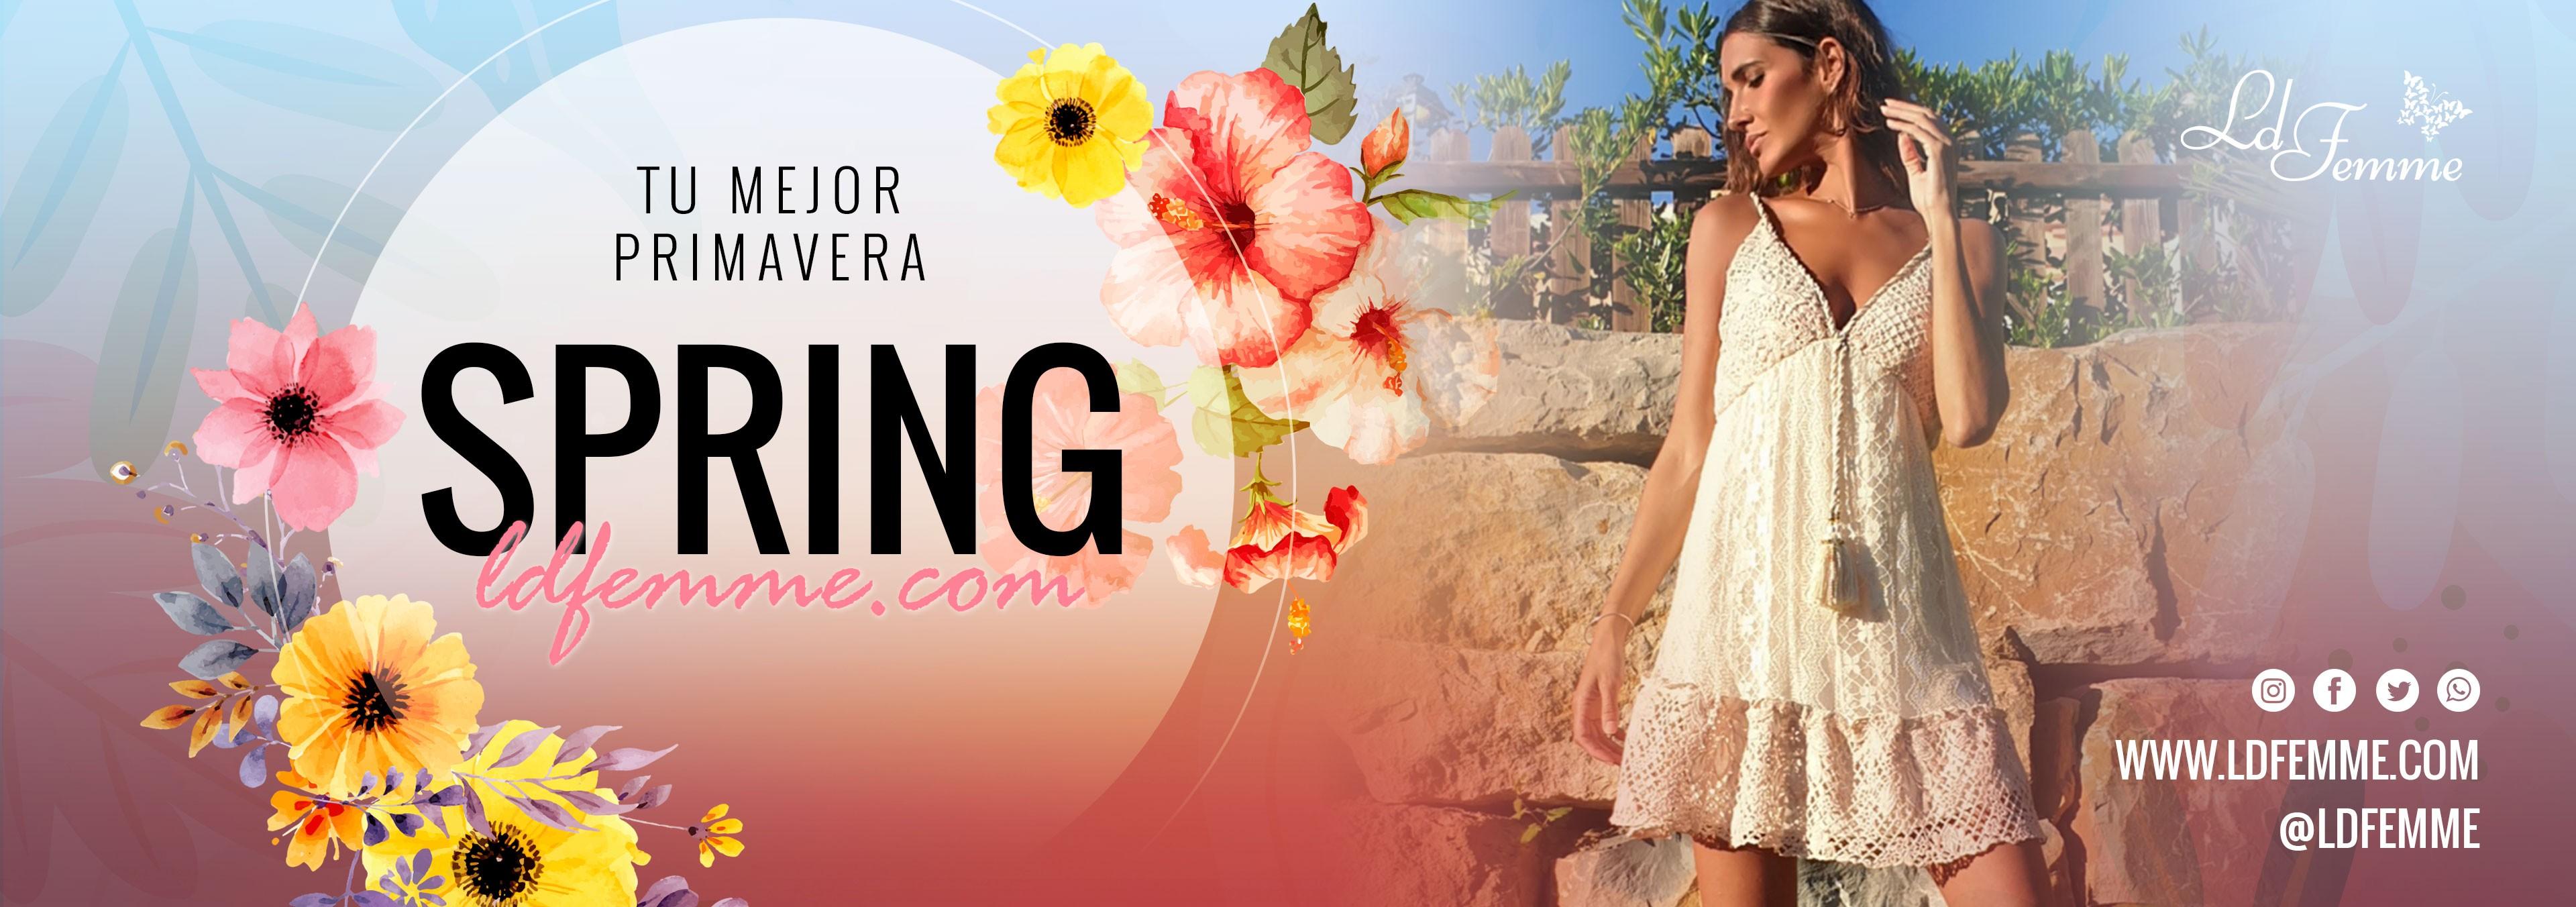 Spring ldfemme.com